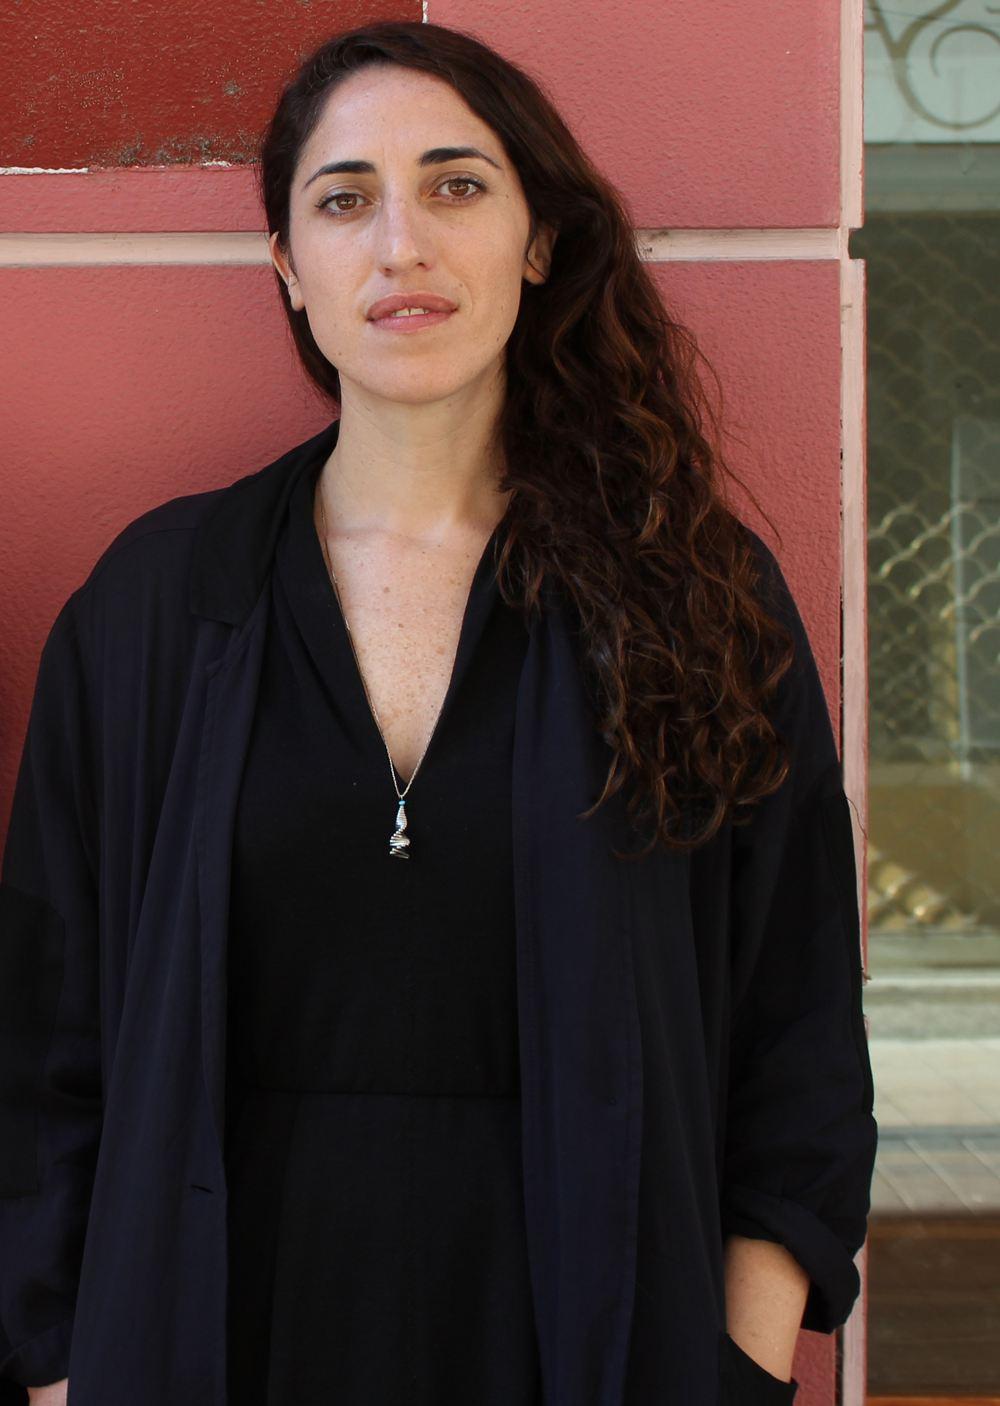 Pia Borg